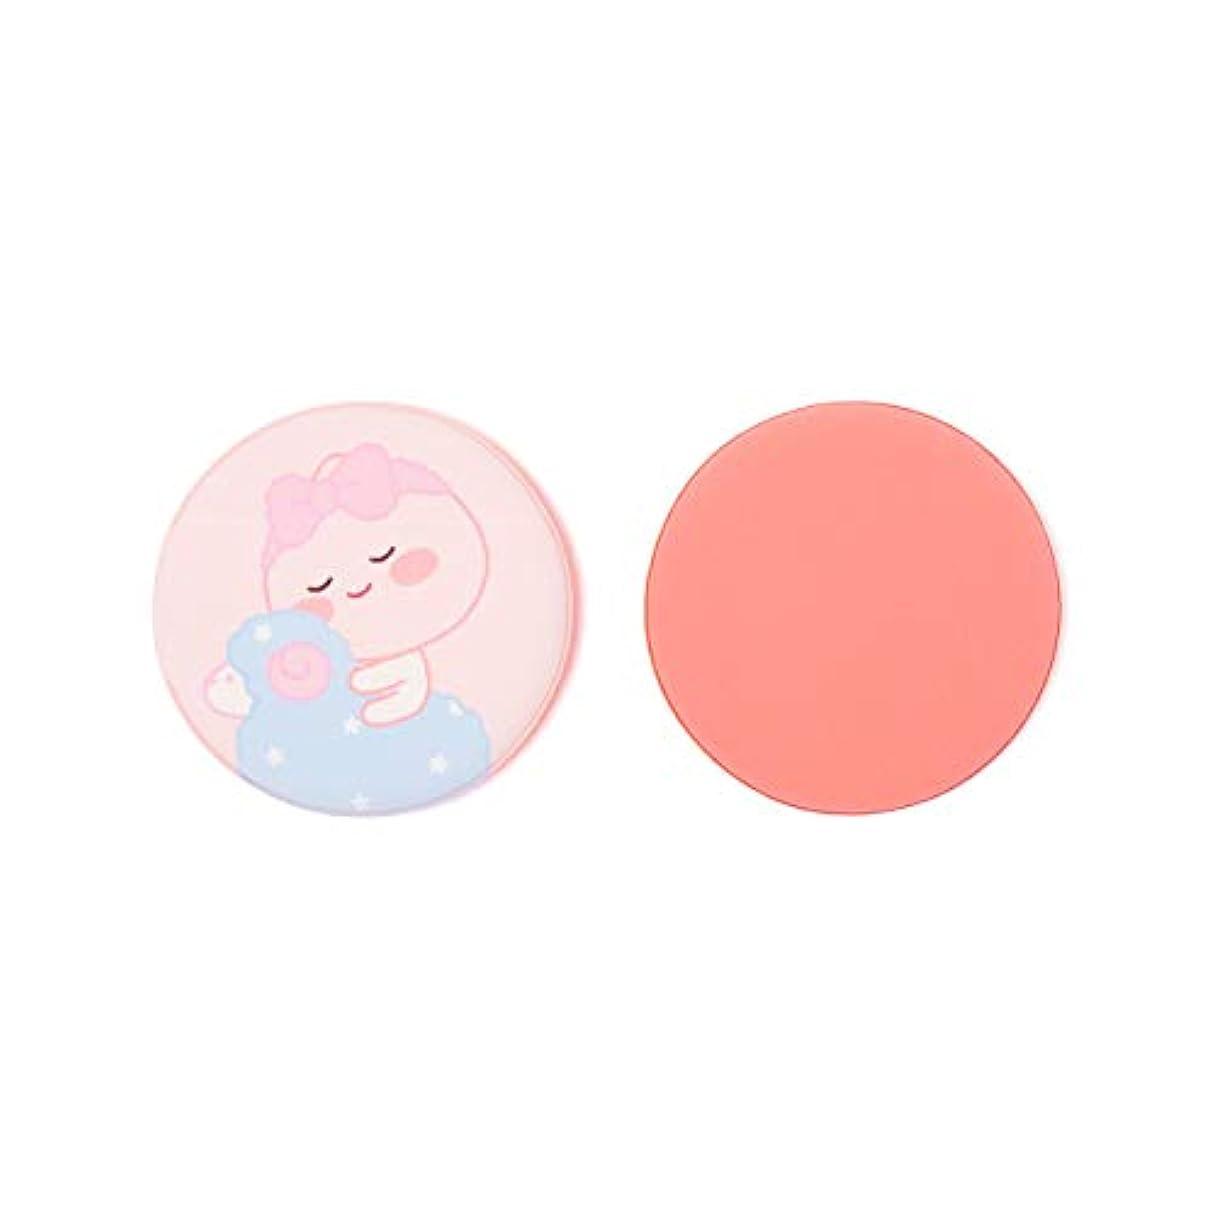 [オフィシャル] カカオフレンズ - エアクッションンパフ2P KAKAO FRIENDS - Lovely Apeach Air Cushion Puff 2P (Pink)